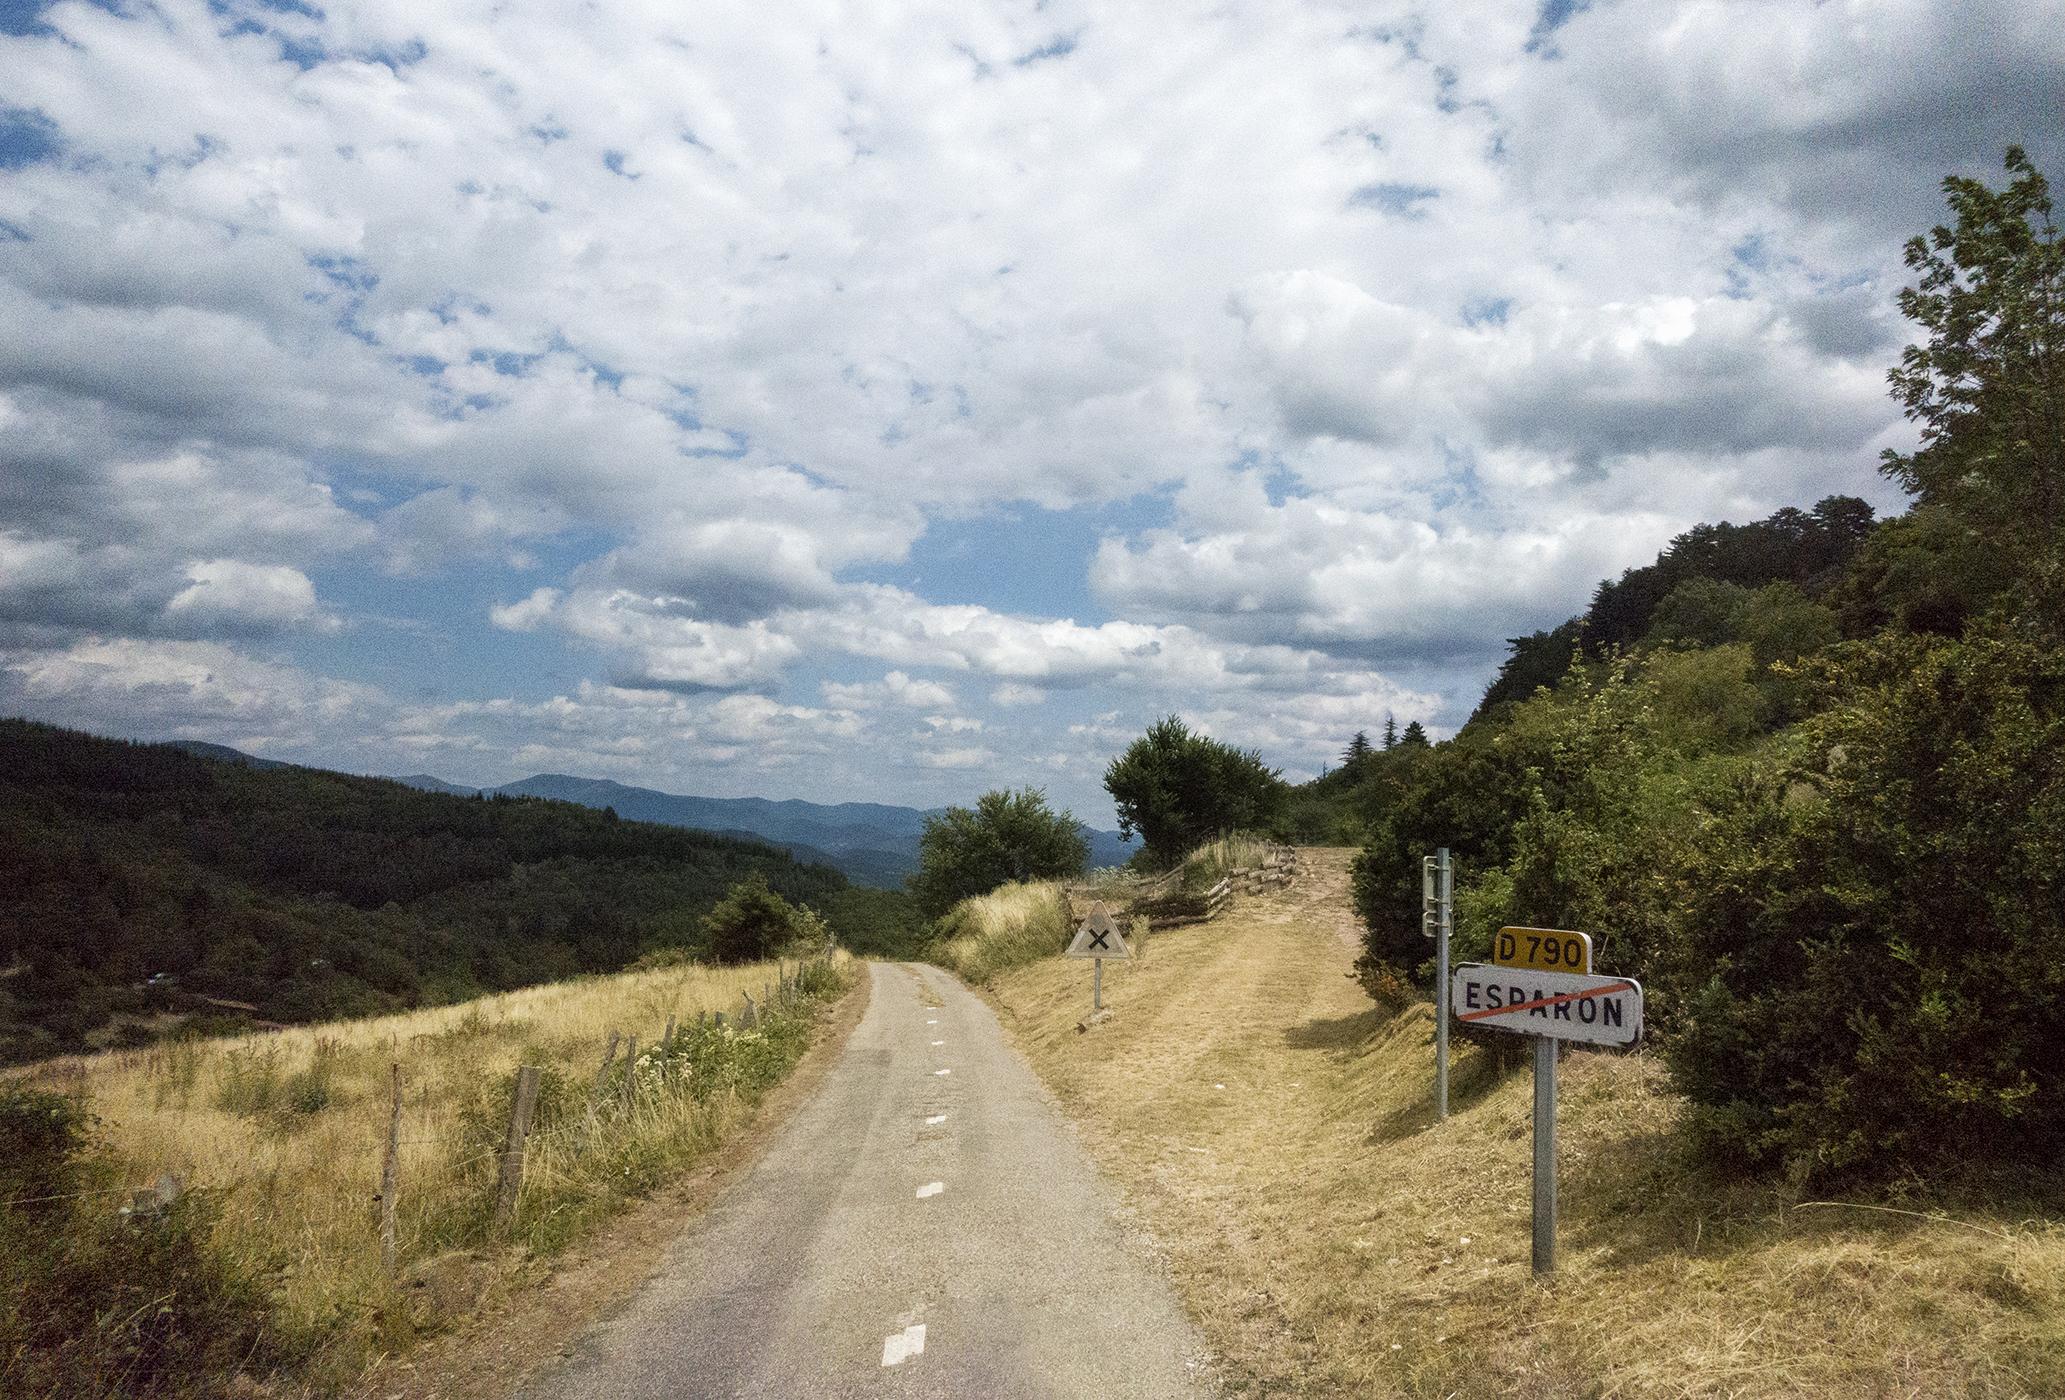 10_Parrish_Road out of Esparon copy.jpg